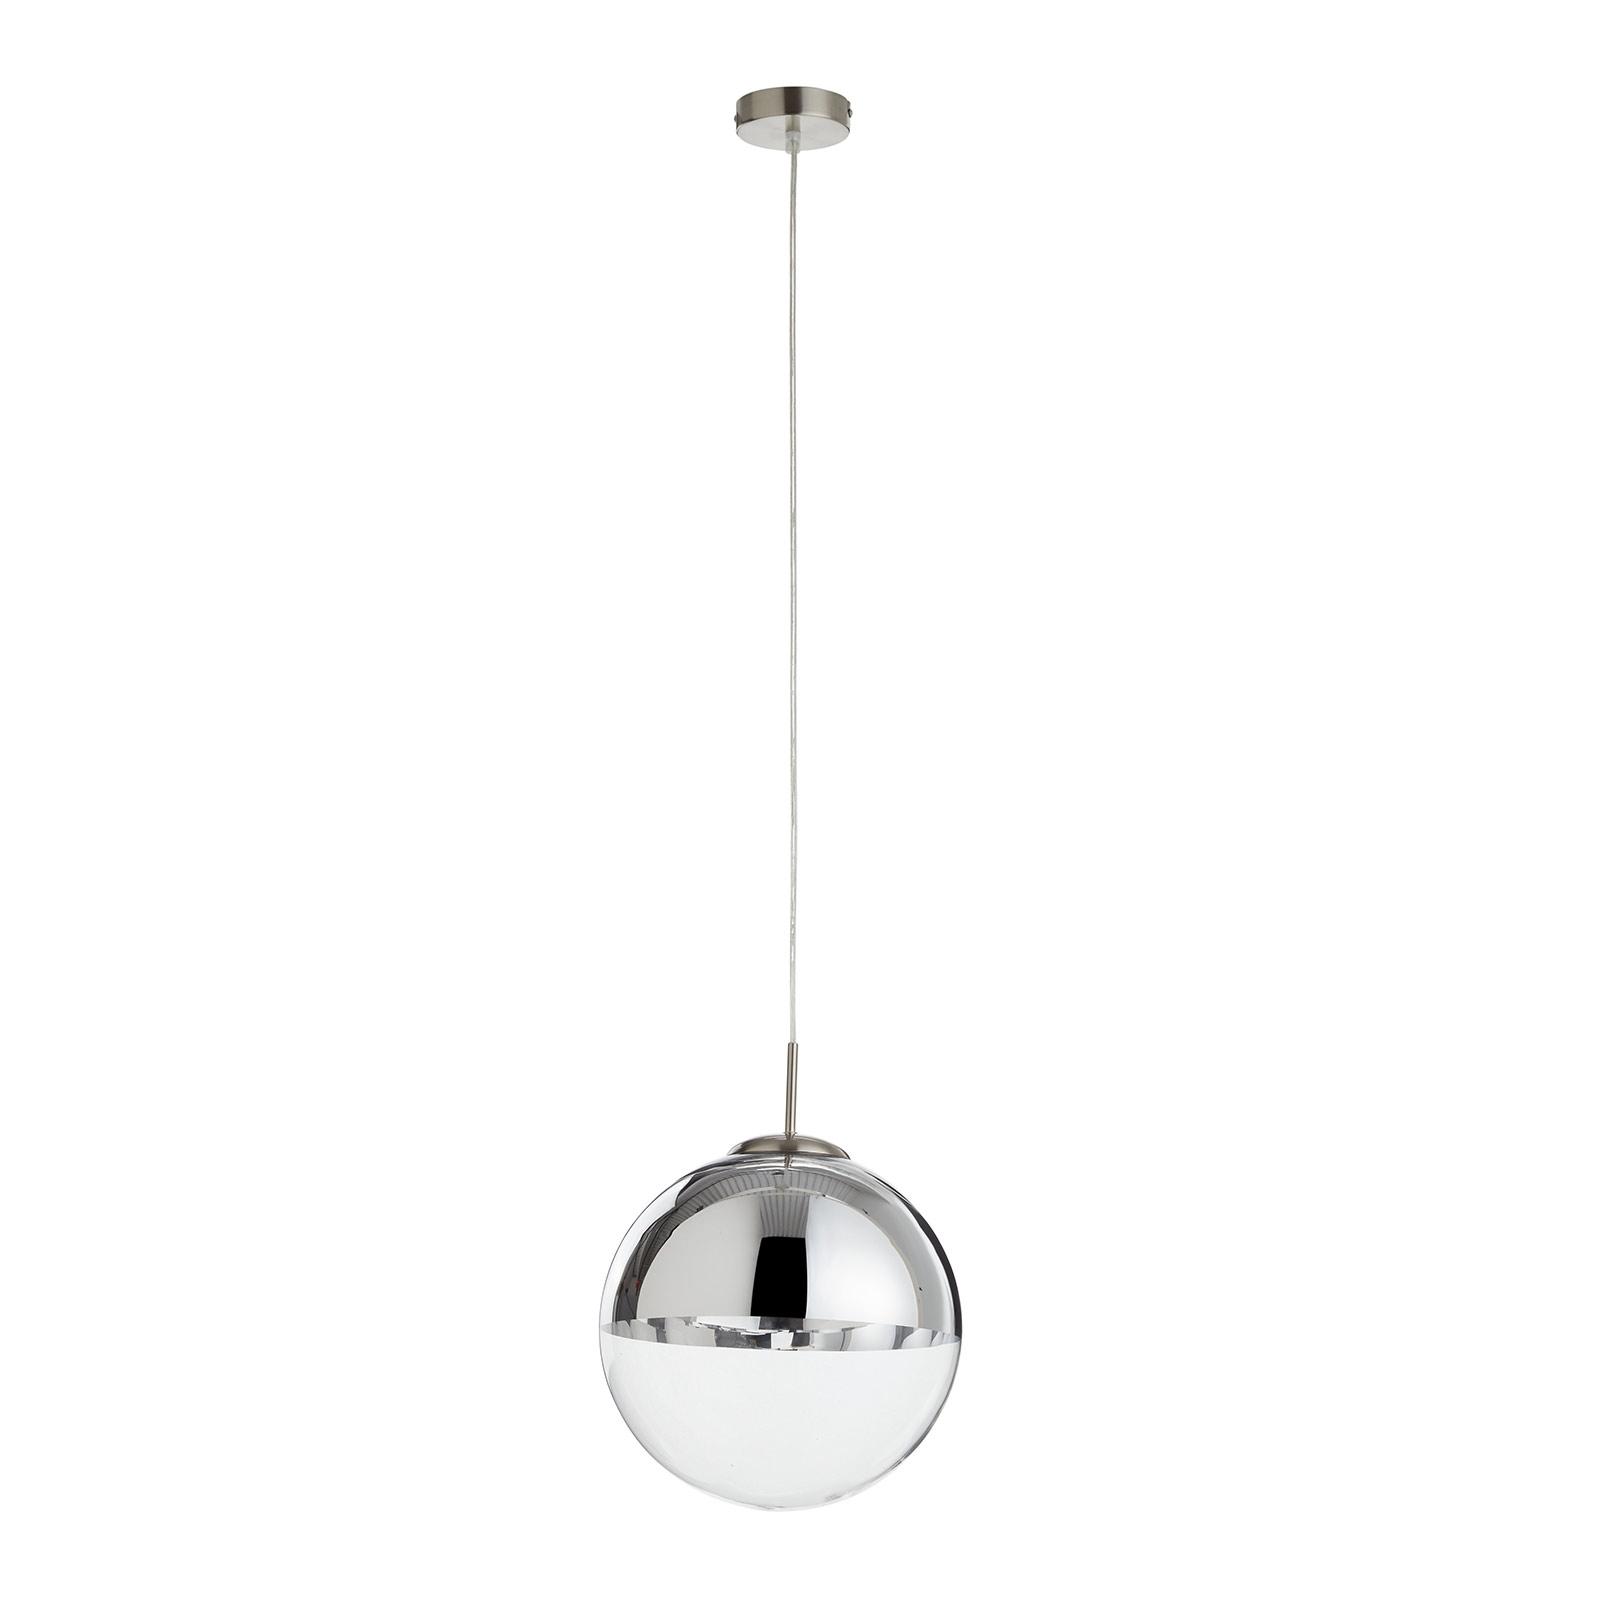 Lampada a sospensione Ravena con 1 sfera di vetro